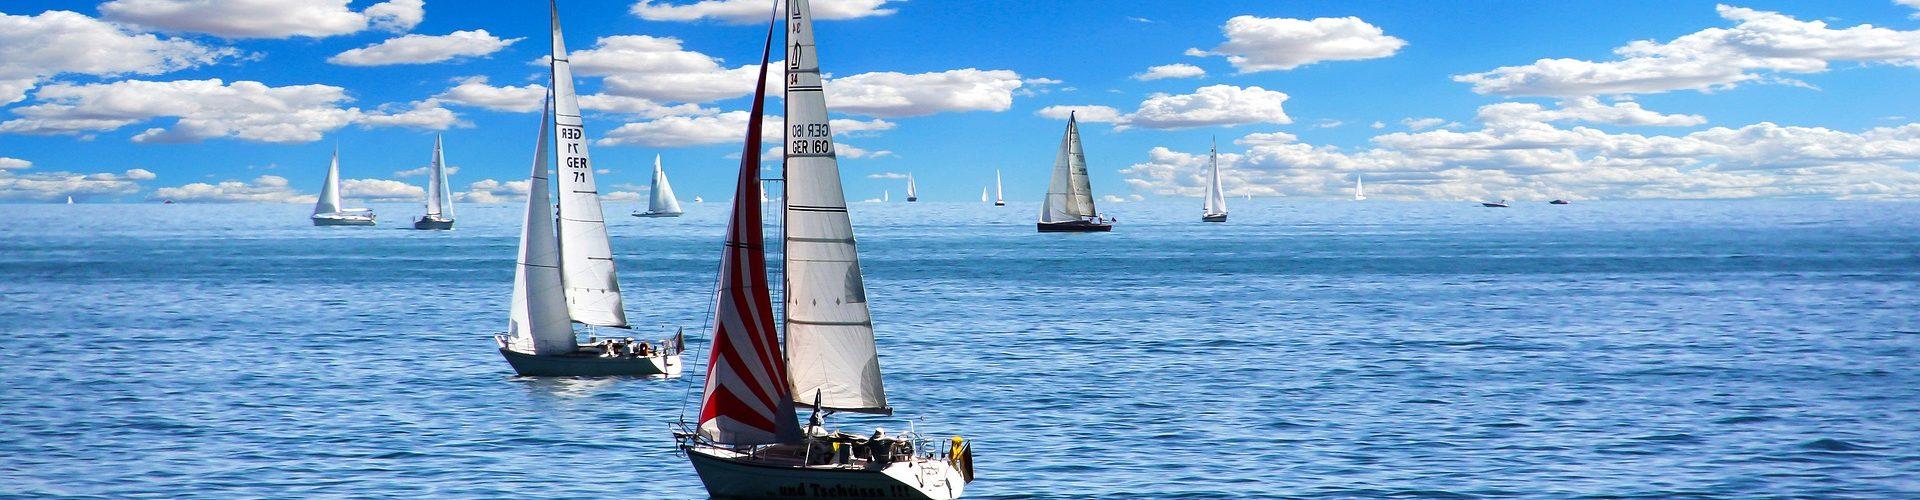 segeln lernen in Norderstedt segelschein machen in Norderstedt 1920x500 - Segeln lernen in Norderstedt